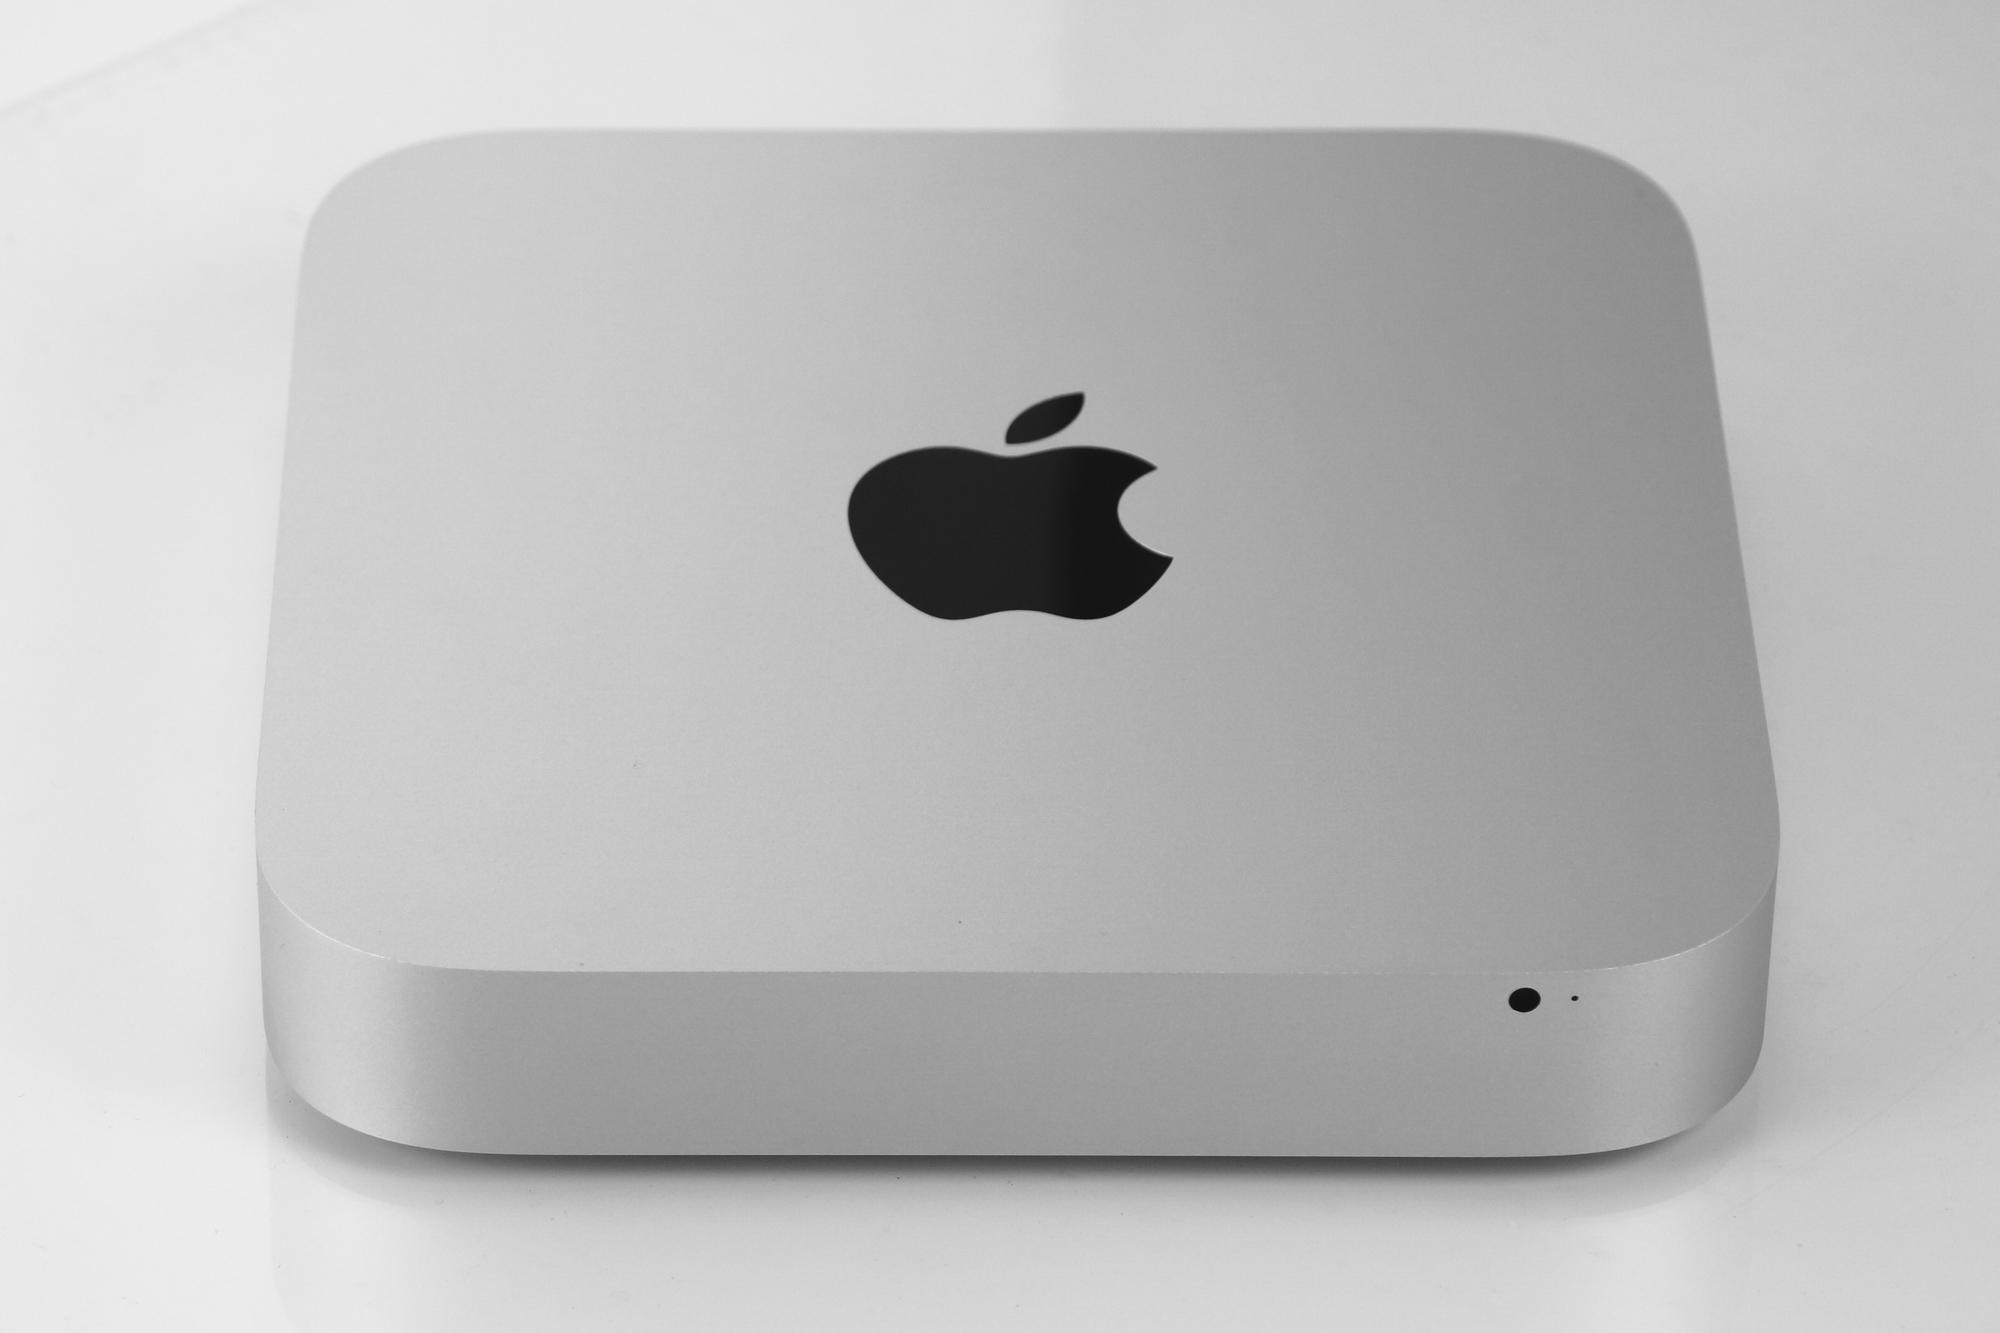 Mac mini 247